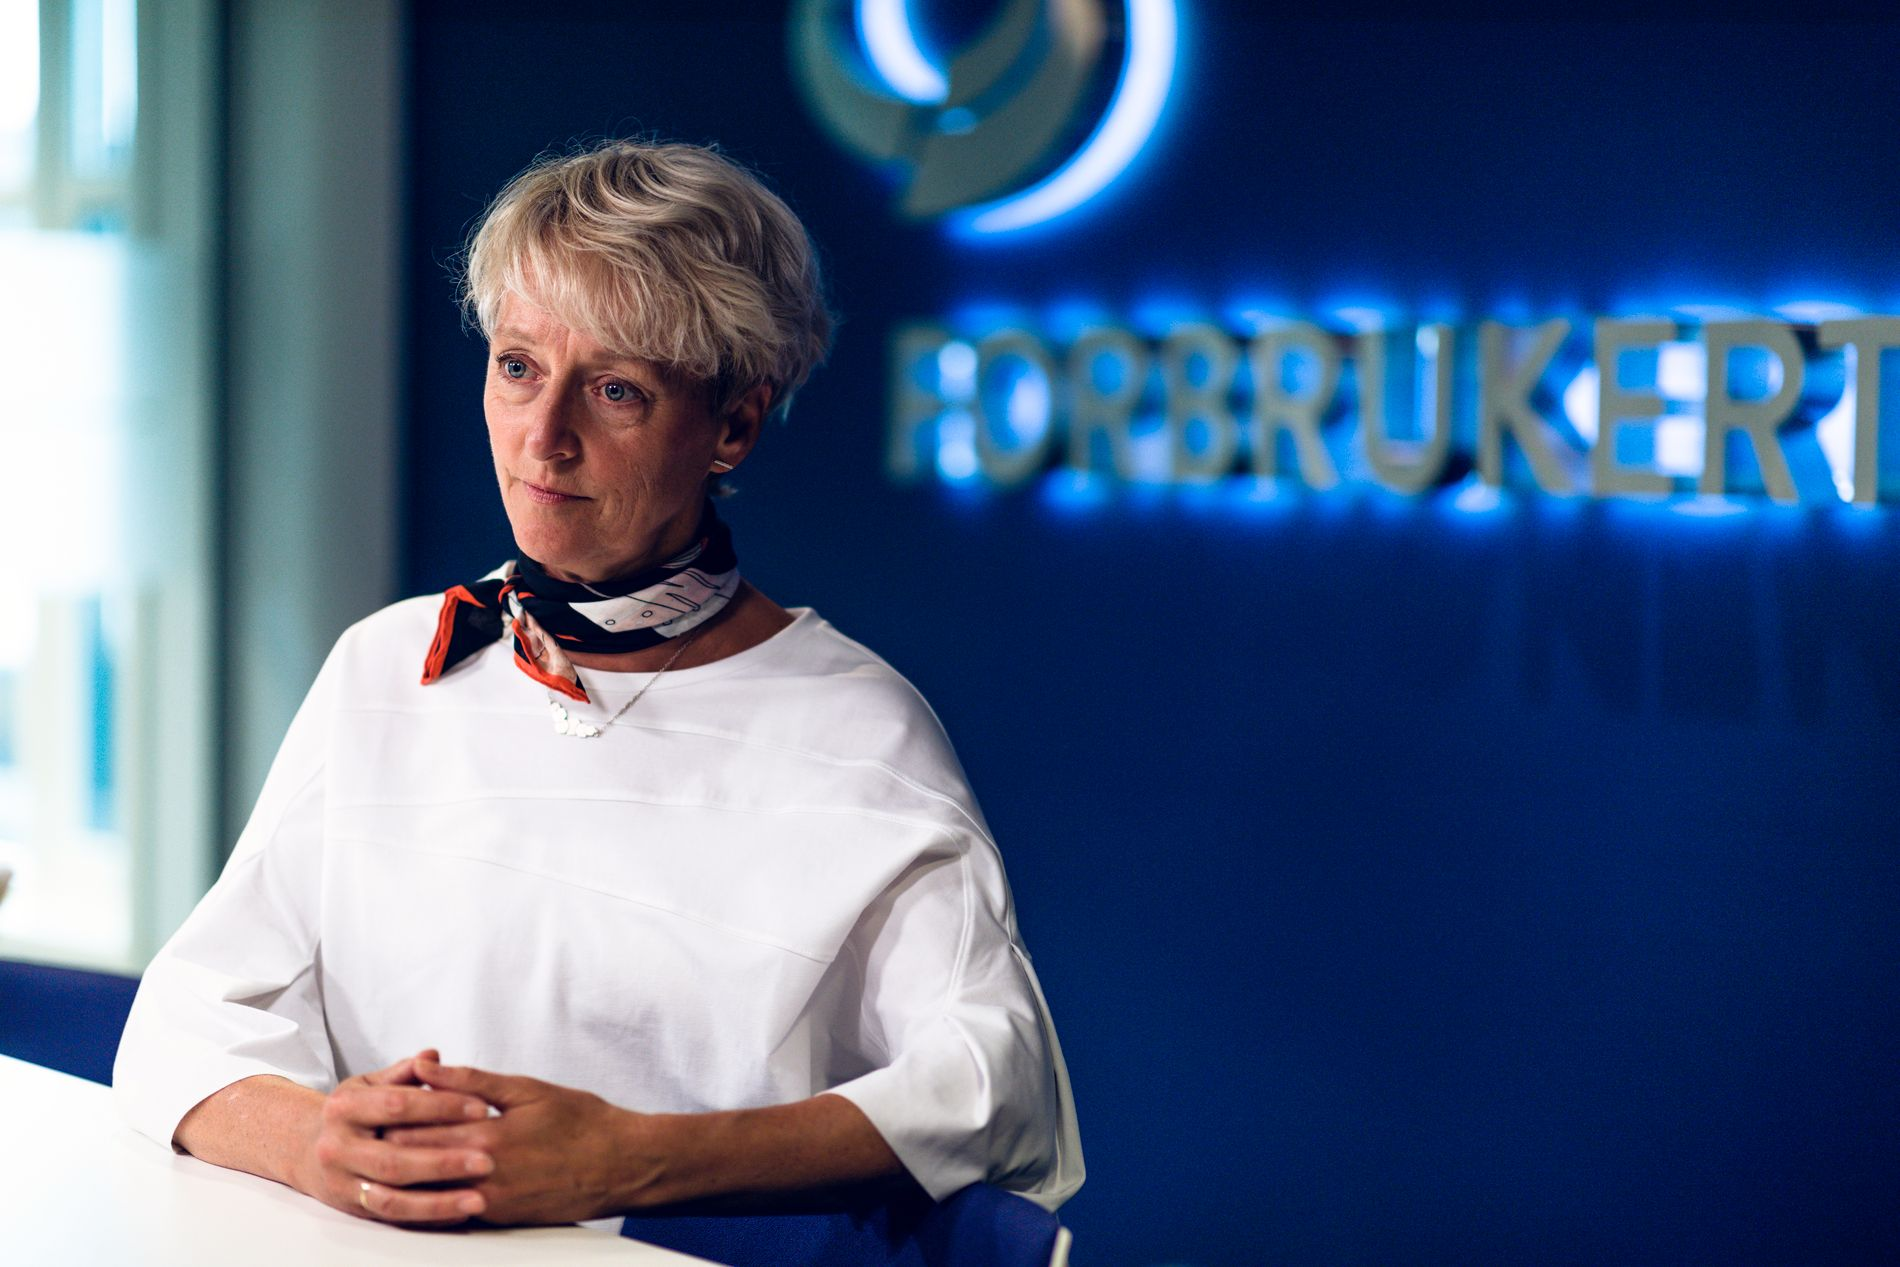 BESKYTTER MOT PÅGÅENDE MARKEDSFØRING: Forbrukerdirektør i Forbrukertilsynet, Elisabeth Lier Haugseth, sier at mirakelpredikantenes markedsføring er ulovlig.